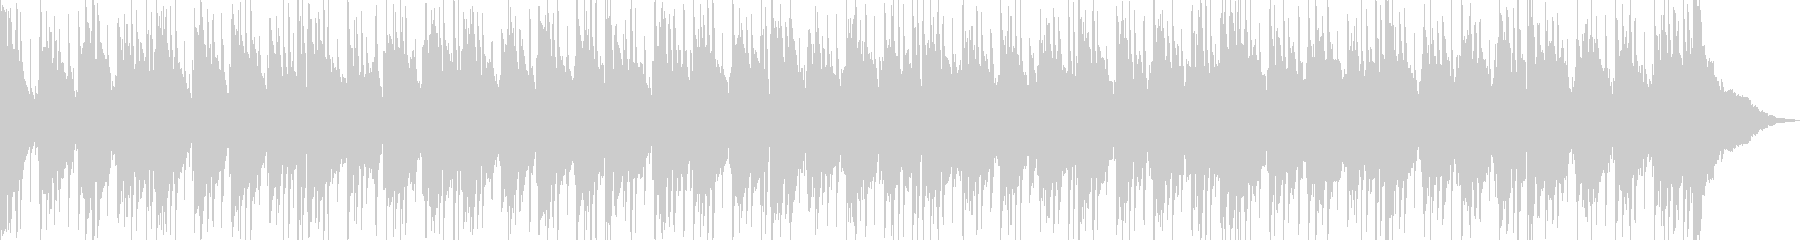 ギターベースのアメリカーナ/ポップ...の未再生の波形